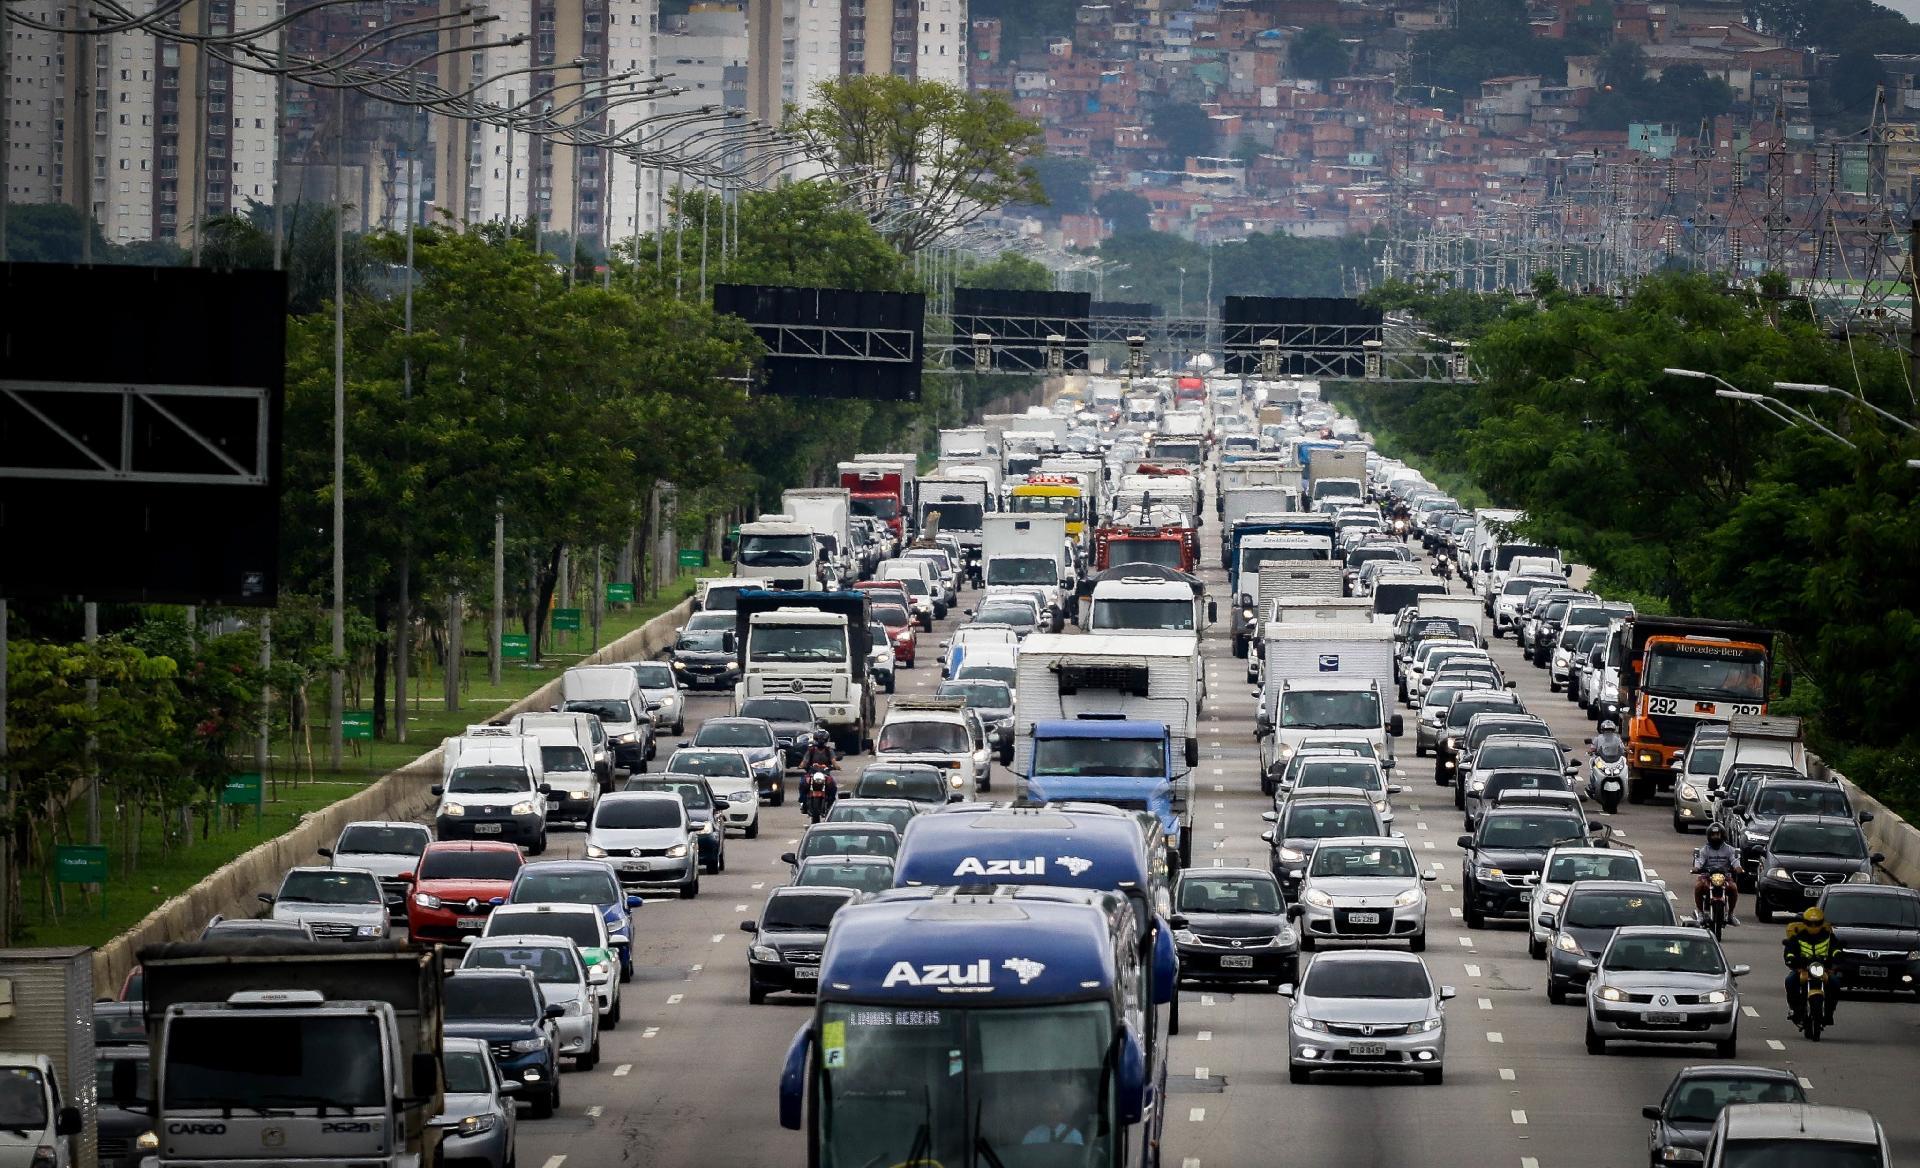 Lei que reajustou valores das taxas de trânsito foi publicada em outubro; entenda